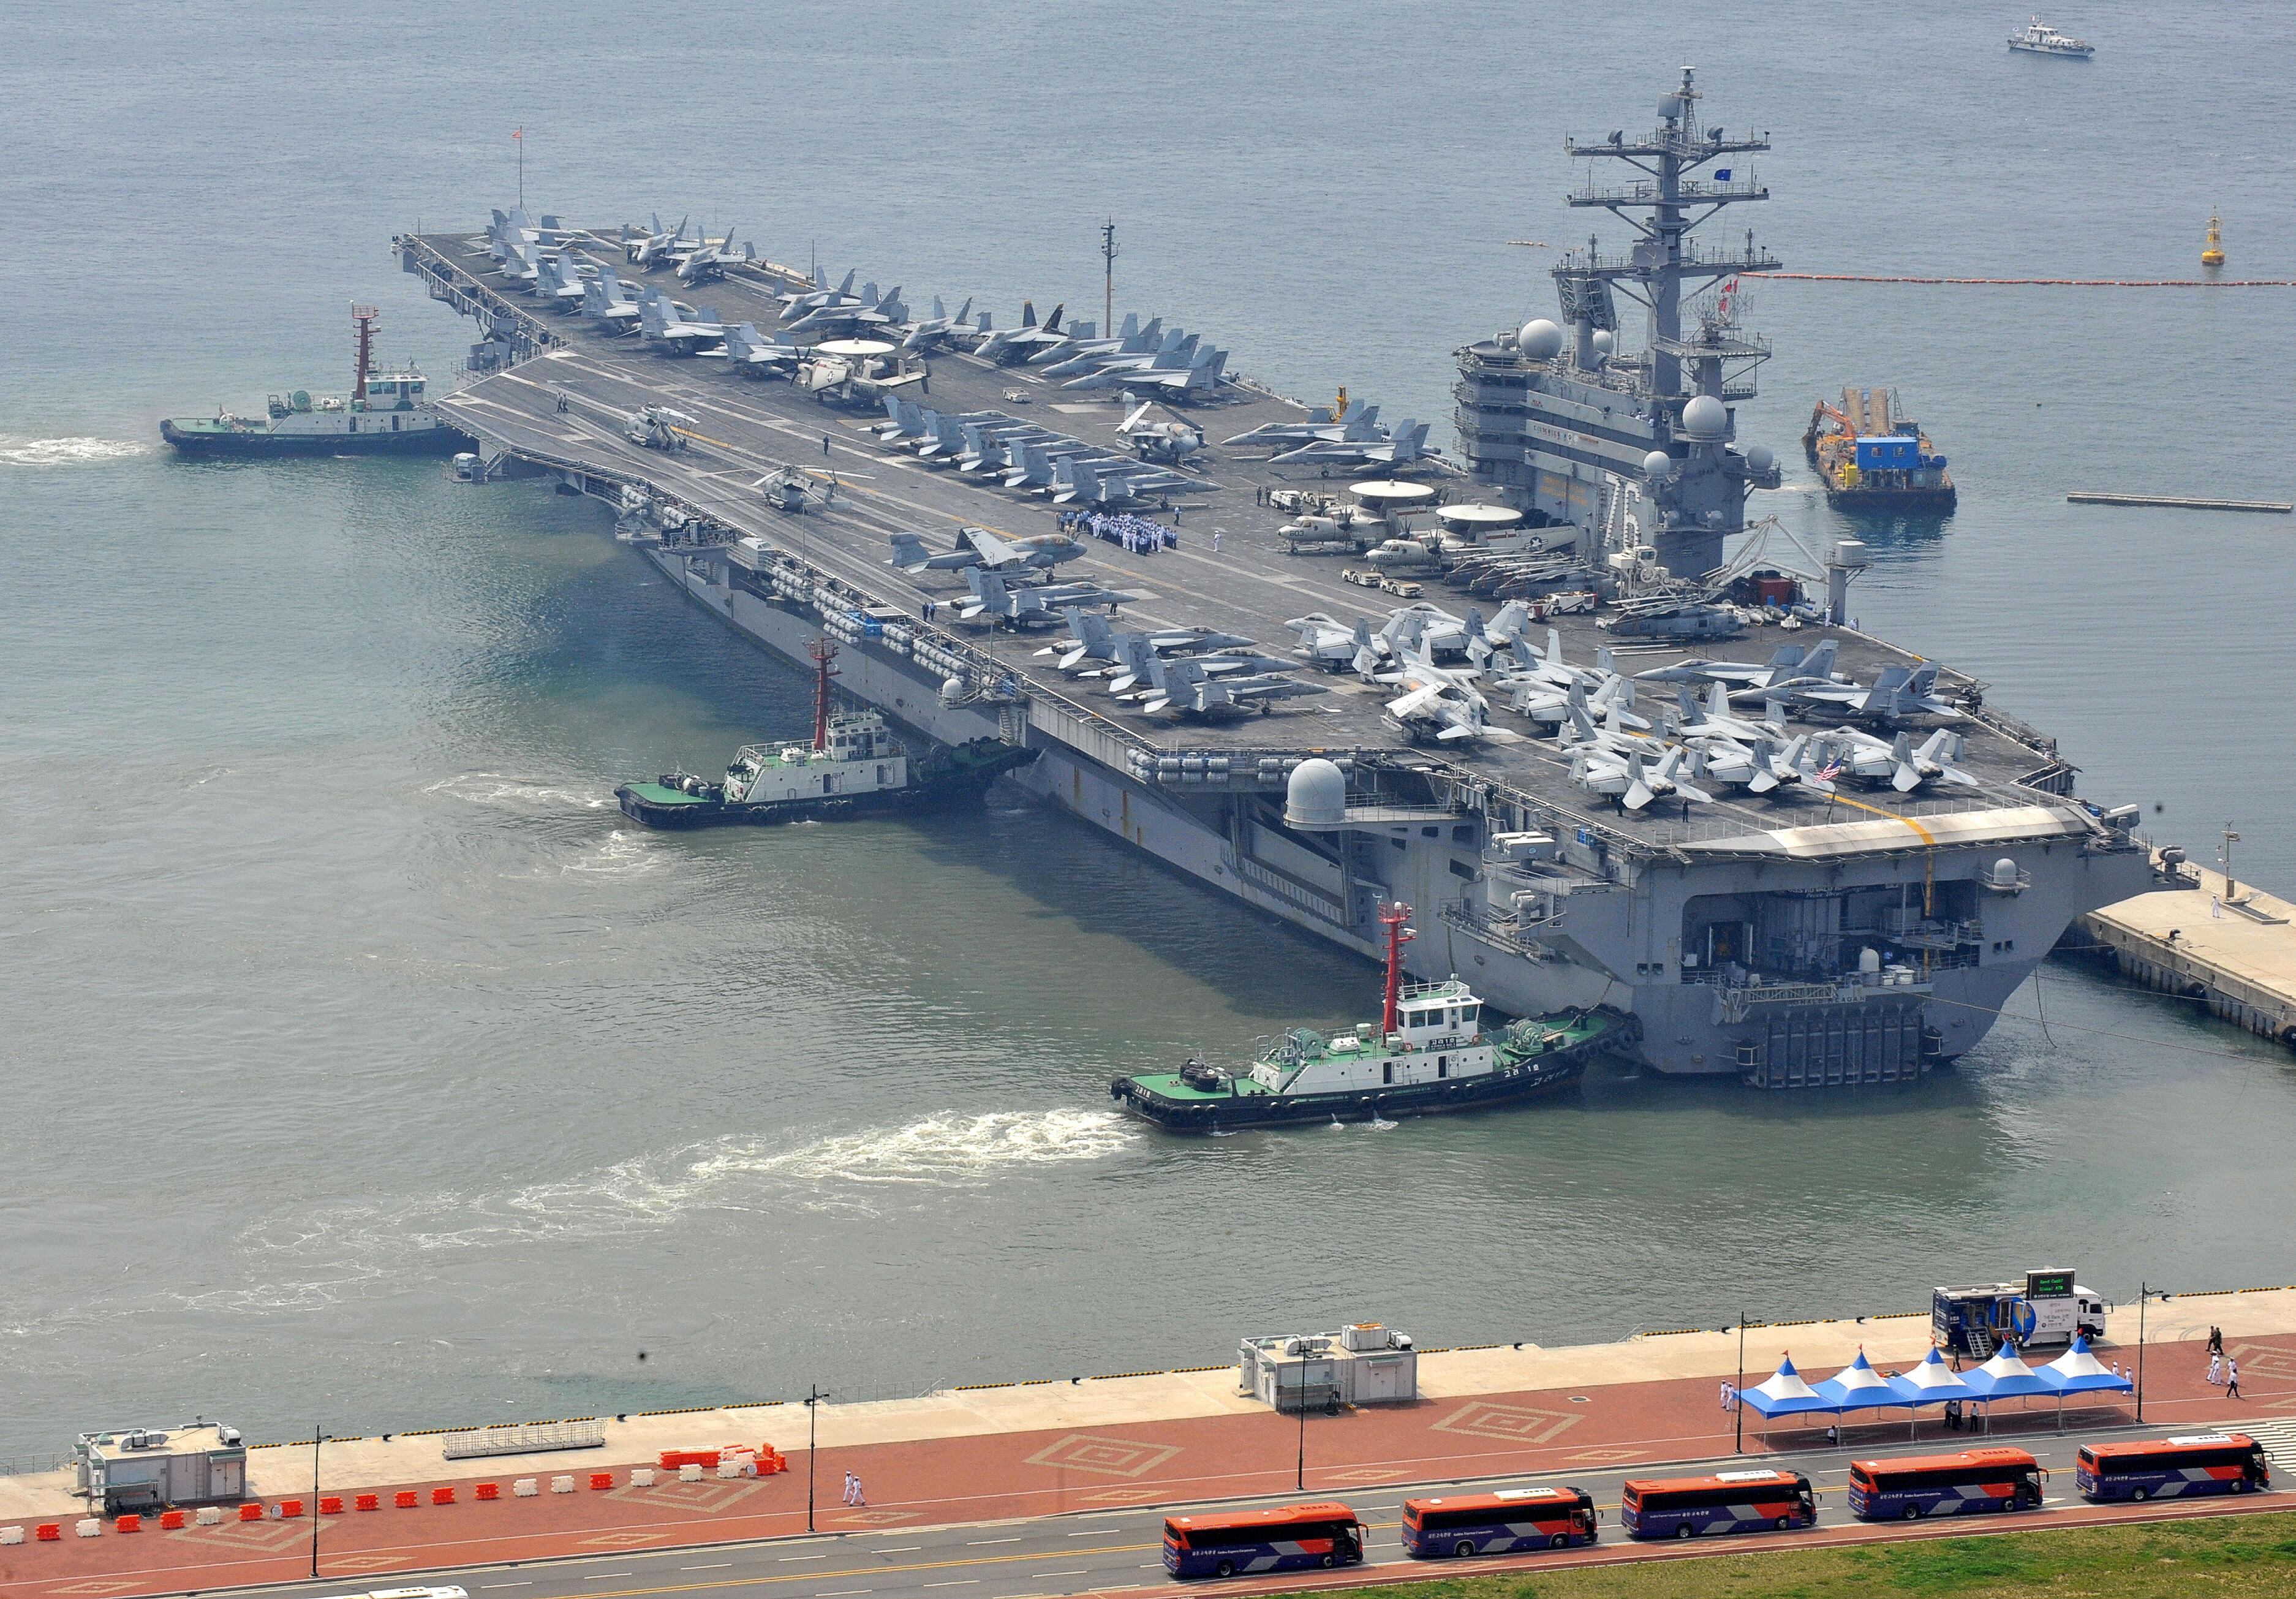 美提台灣防衛法 分析:下一步或在台駐軍